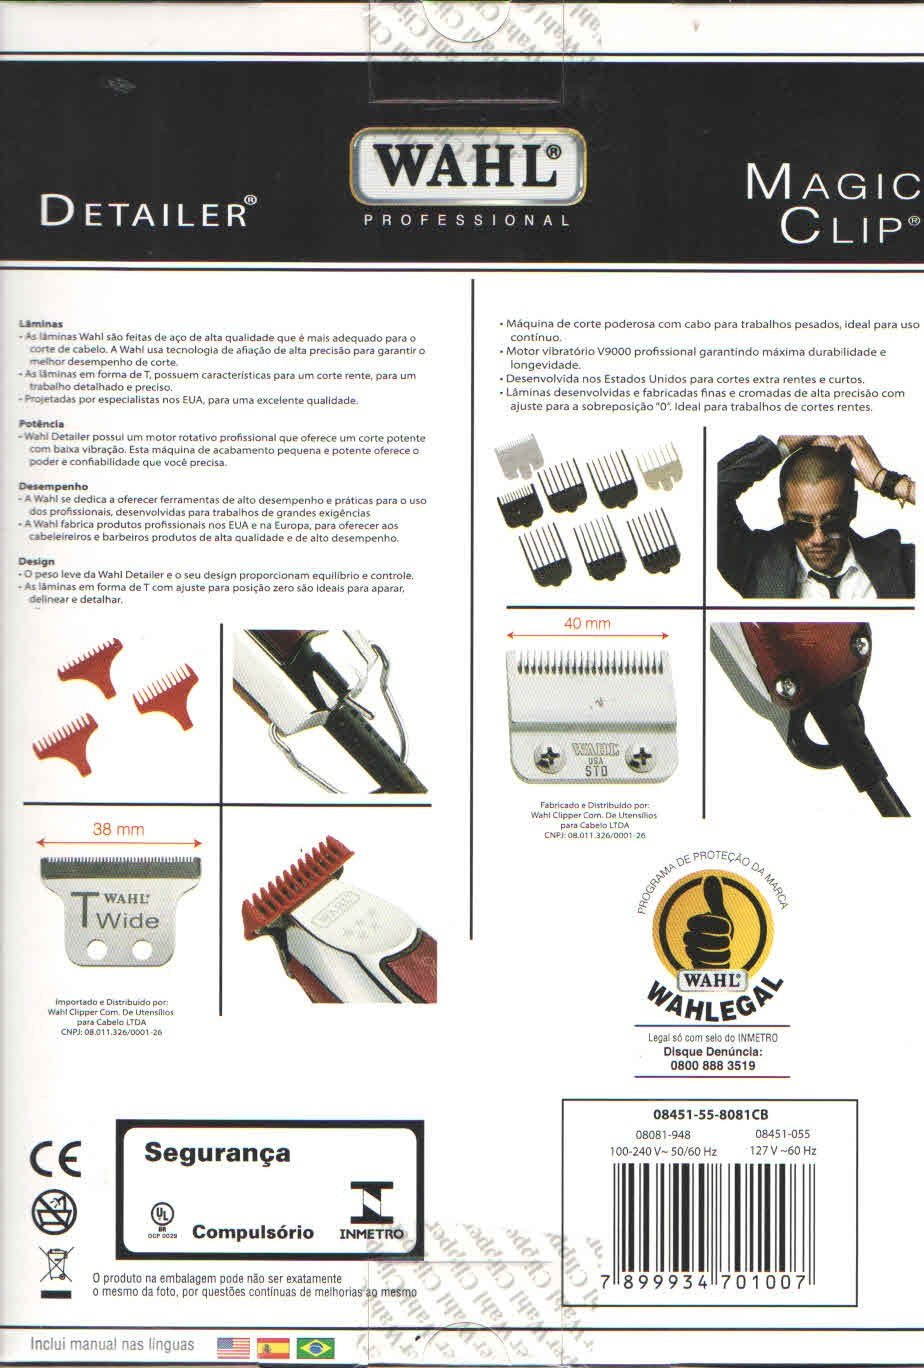 c05249fc5 Combo Wahl - Magic Clip 110V + Detalier T Wide: Amazon.com.br: Eletrônicos